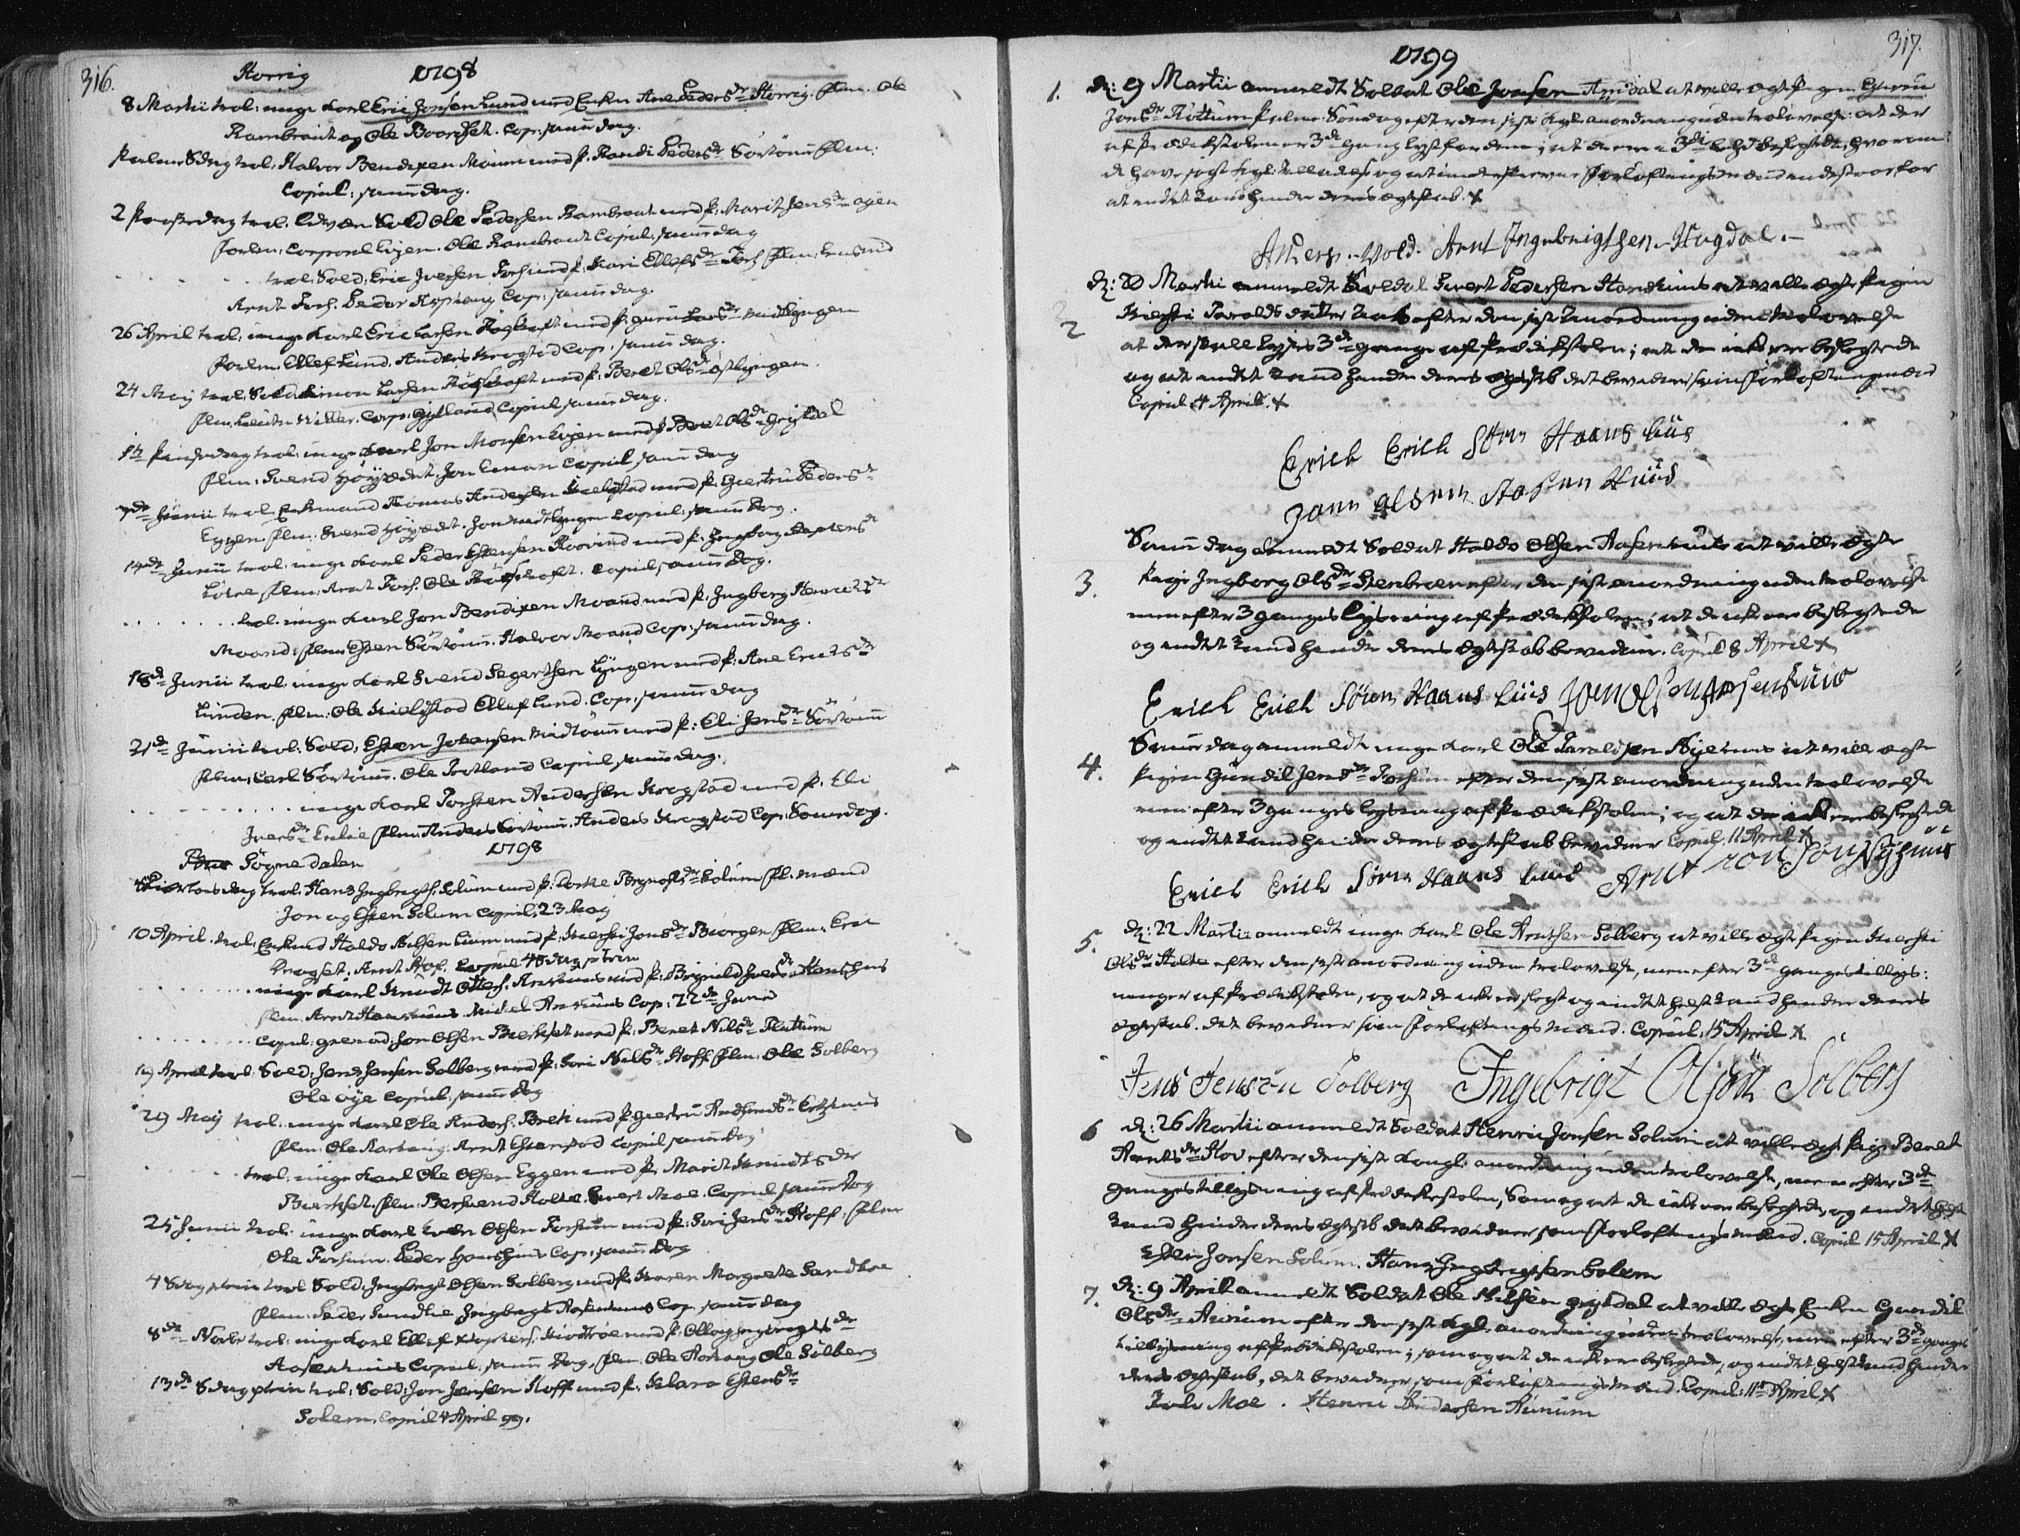 SAT, Ministerialprotokoller, klokkerbøker og fødselsregistre - Sør-Trøndelag, 687/L0992: Ministerialbok nr. 687A03 /1, 1788-1815, s. 316-317